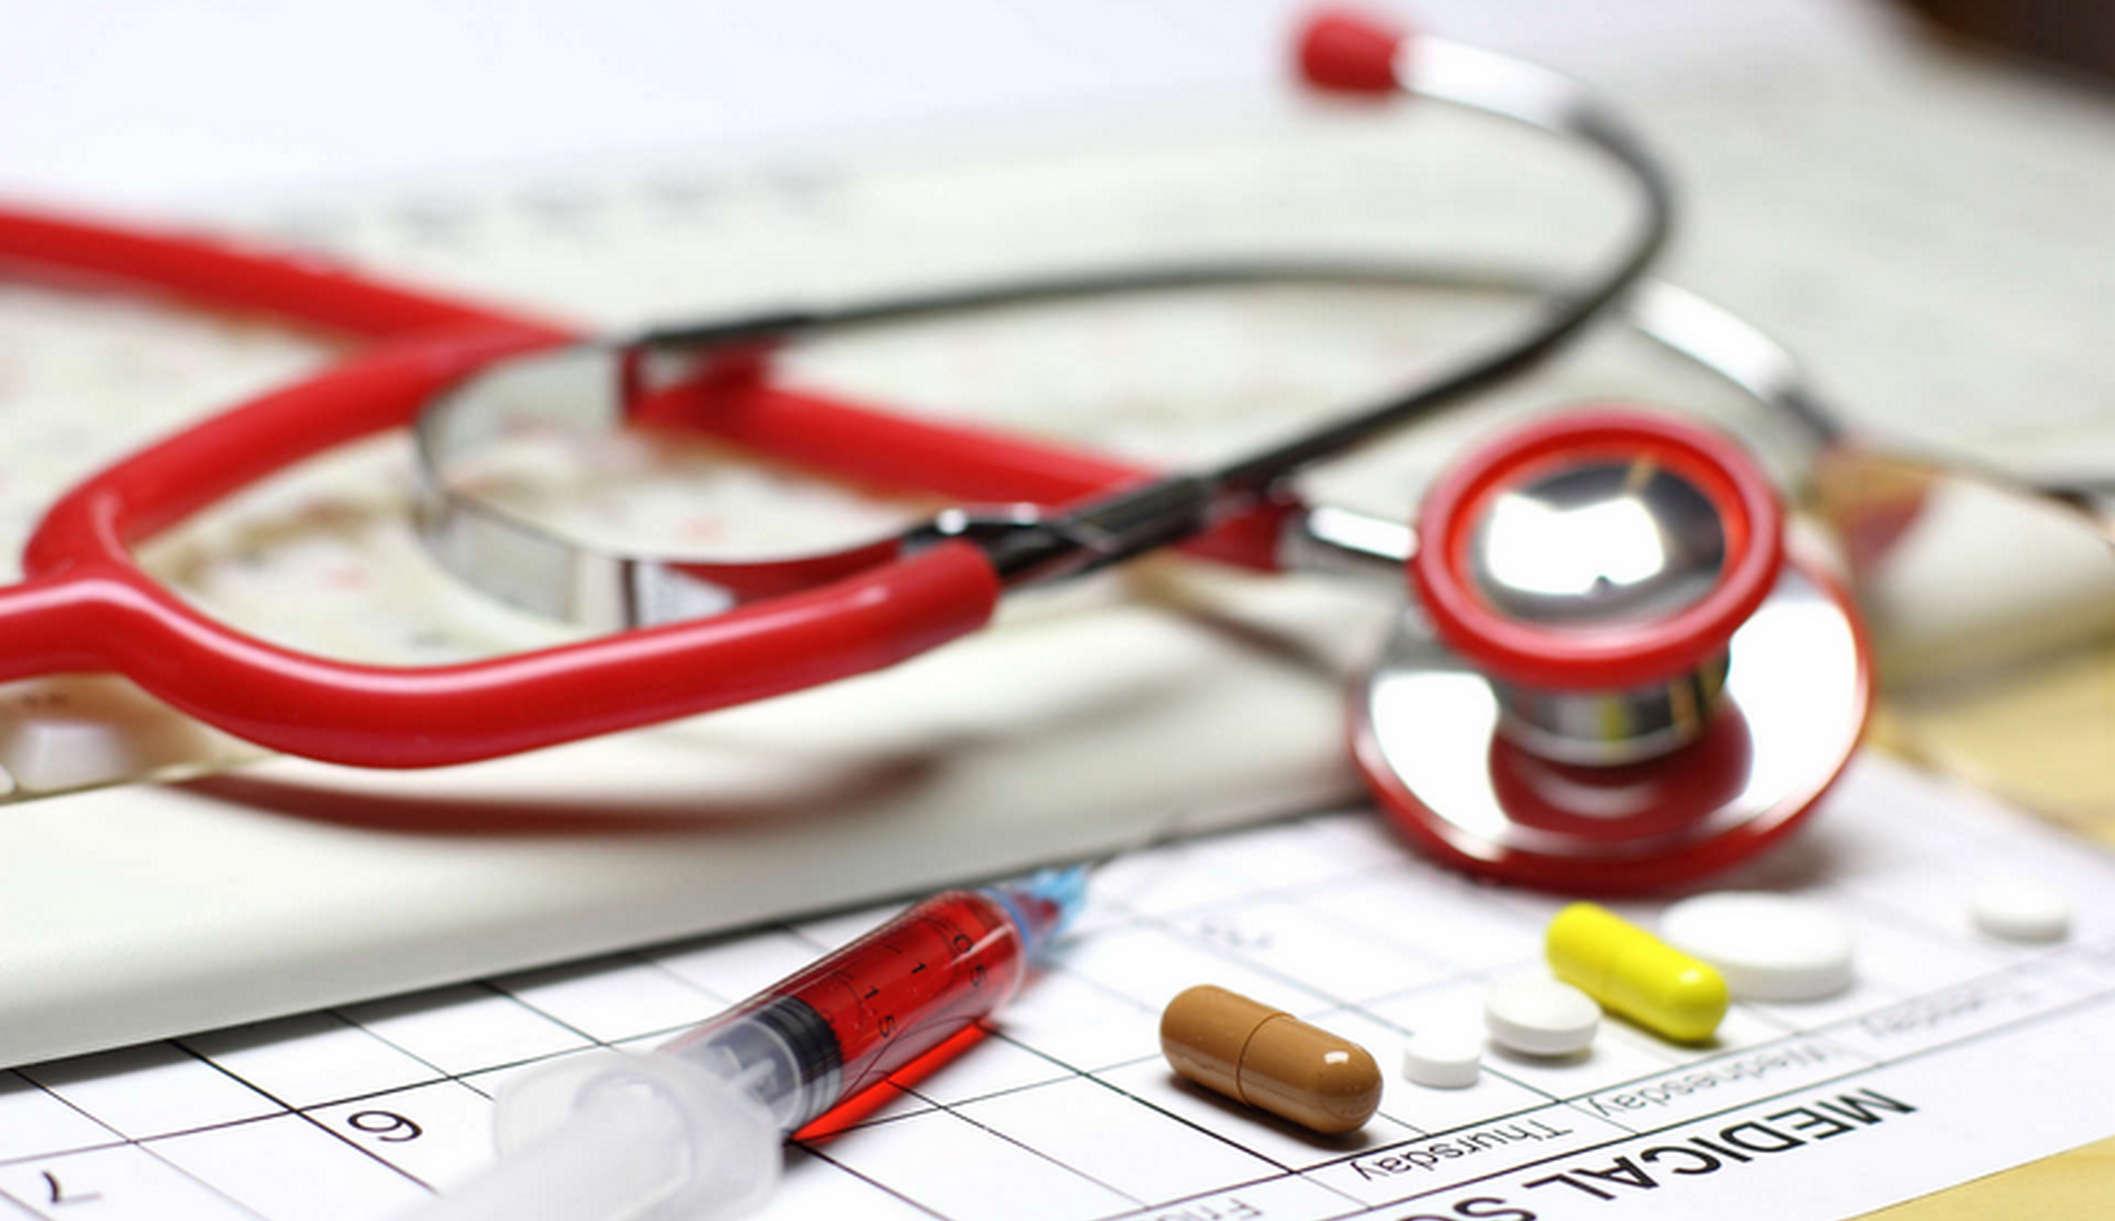 Інформацію озвучили на засідання комітету, де був присутній новий міністр охорони здоров'я Ілля Ємець.